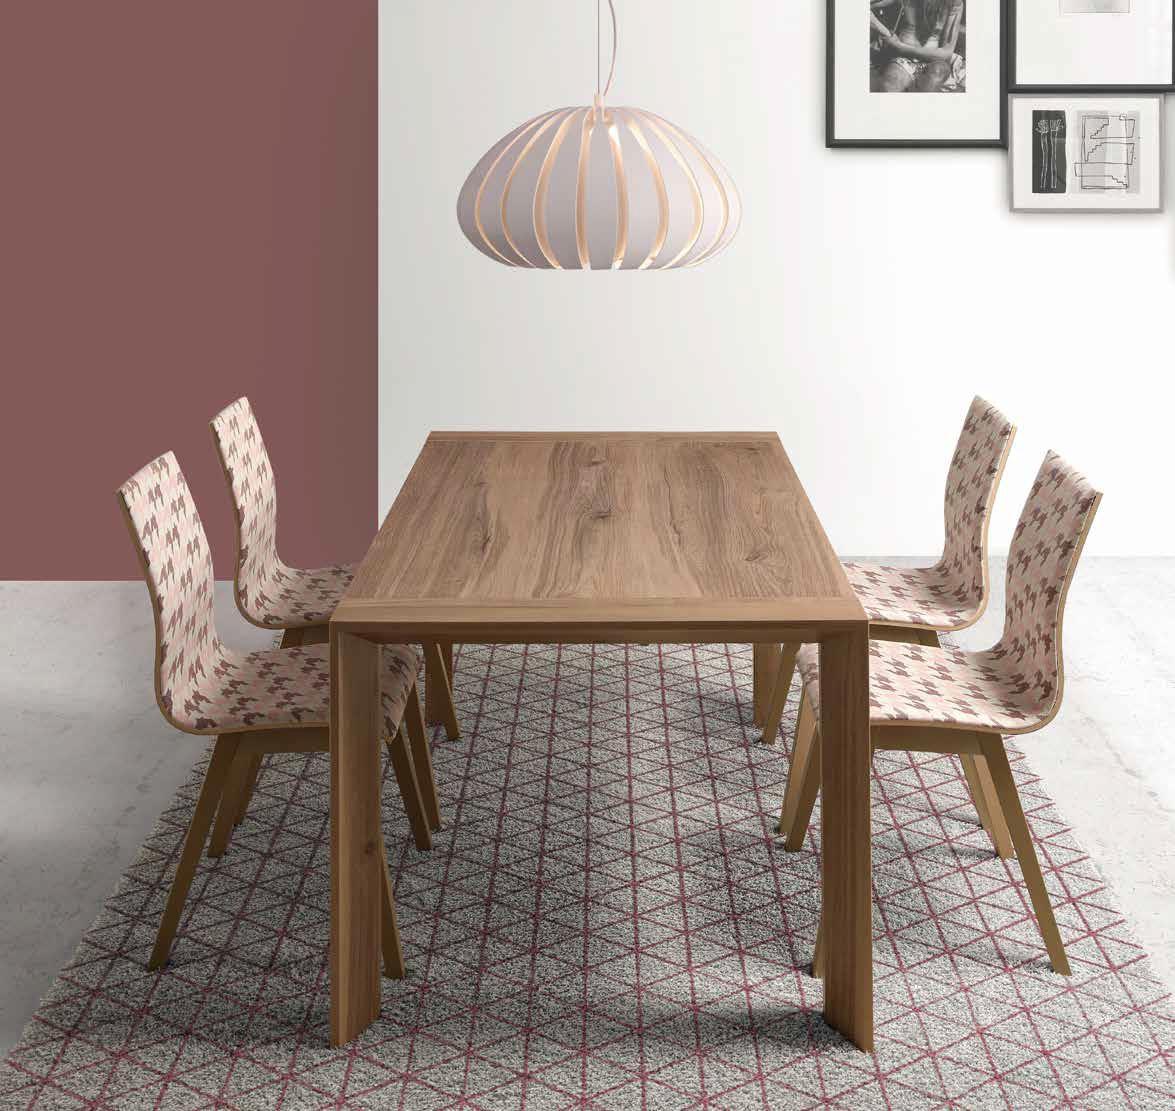 Conjunto Mesa y Sillas Kiero A Conjunto mesa y 4 sillas desde 790 euros. Muebles Díaz